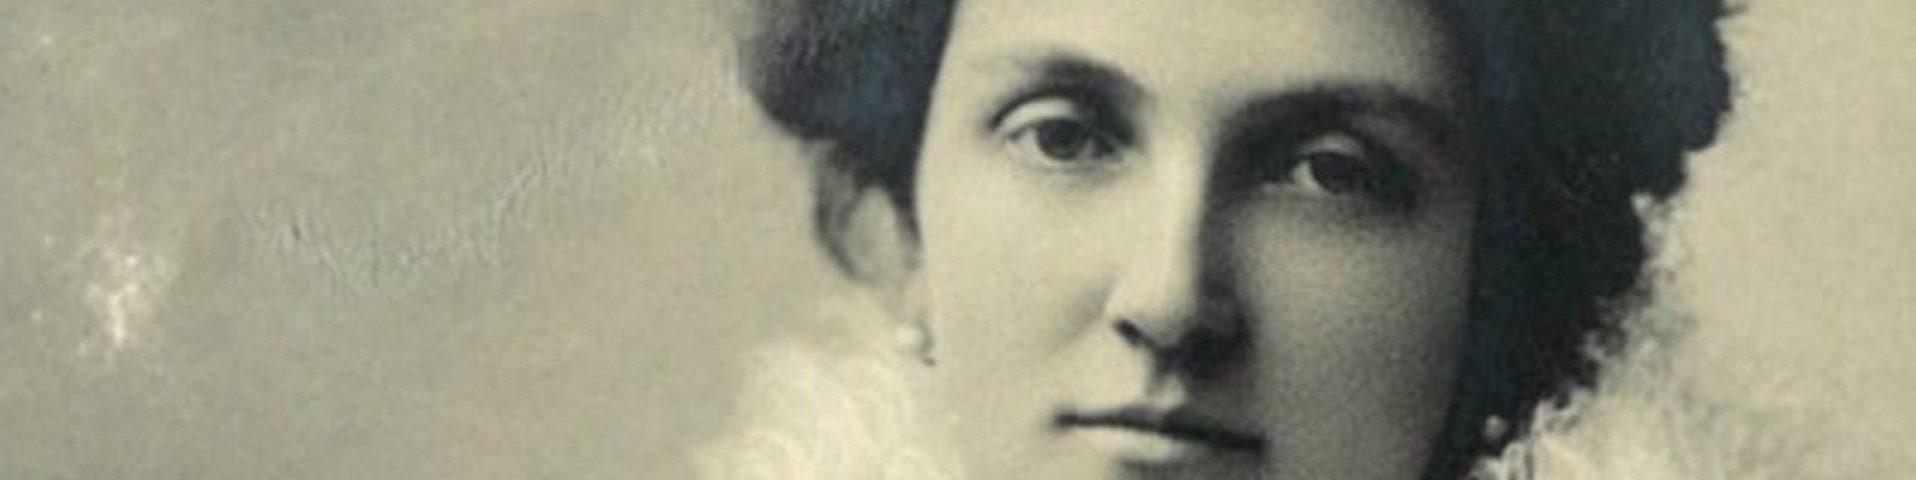 Skandal bei Hofe | Die Flucht der Luise von Toscana, Kronprinzessin von Sachsen